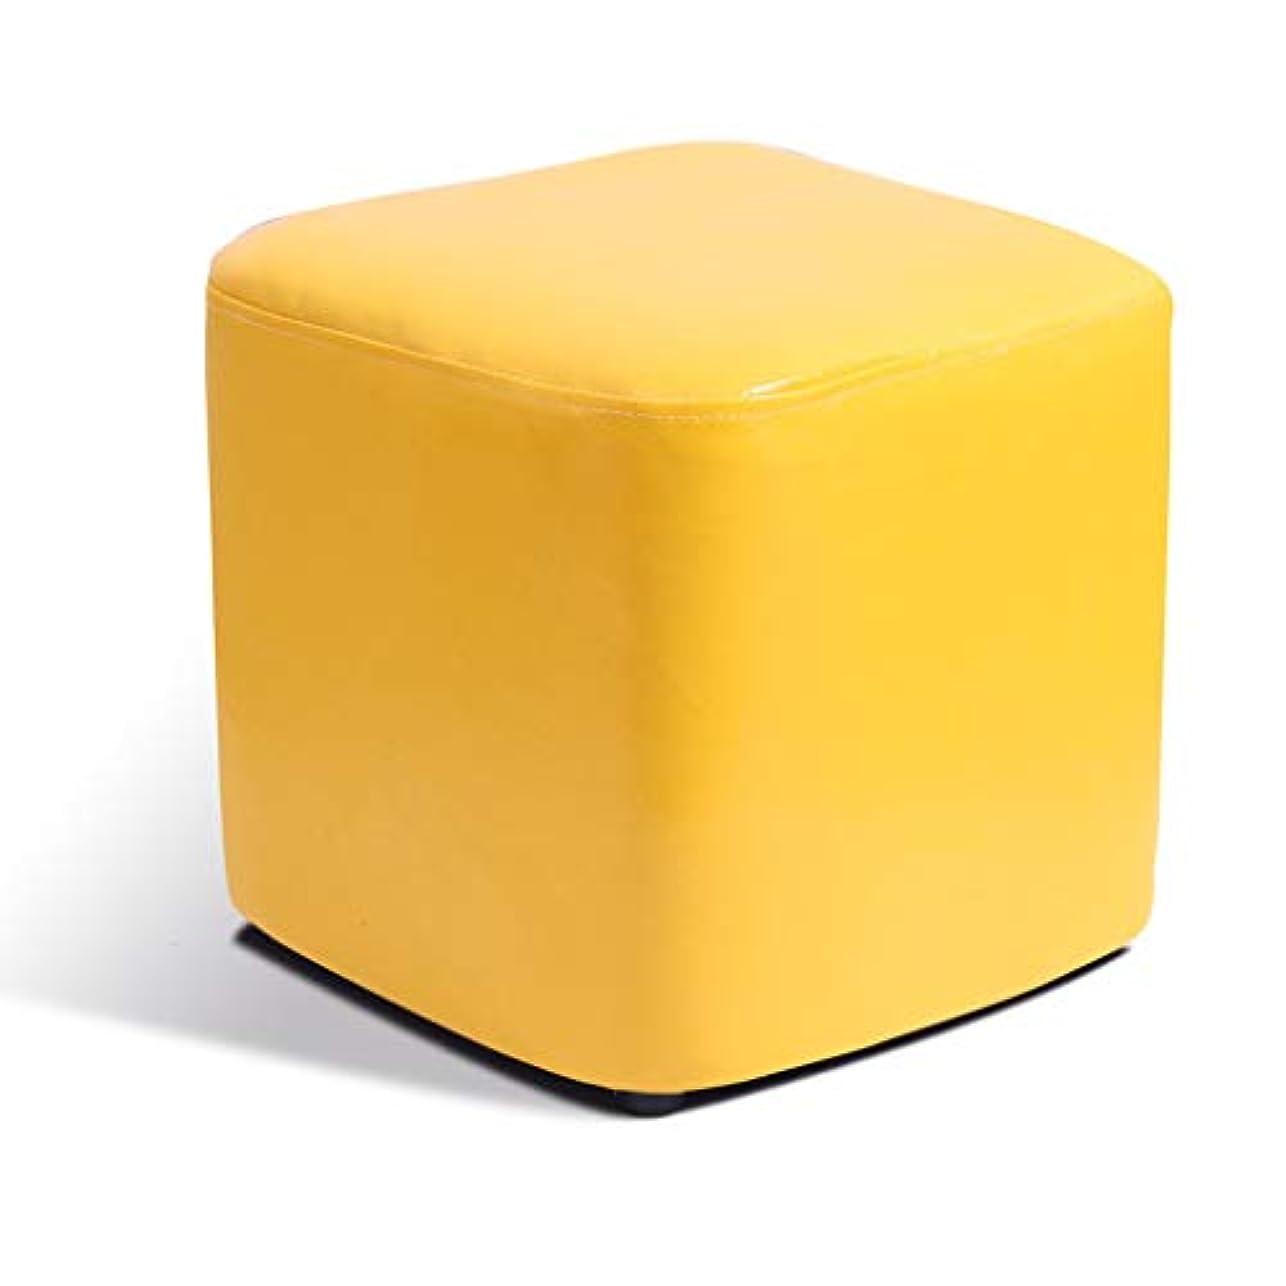 ファランクスどちらか薄いですの立方体オスマン4足パッド付きフットレストシート利用できるフットスツールオスマンPUプーフシート| Jtogo.jpリビングルーム用フットスツール (Color : F)